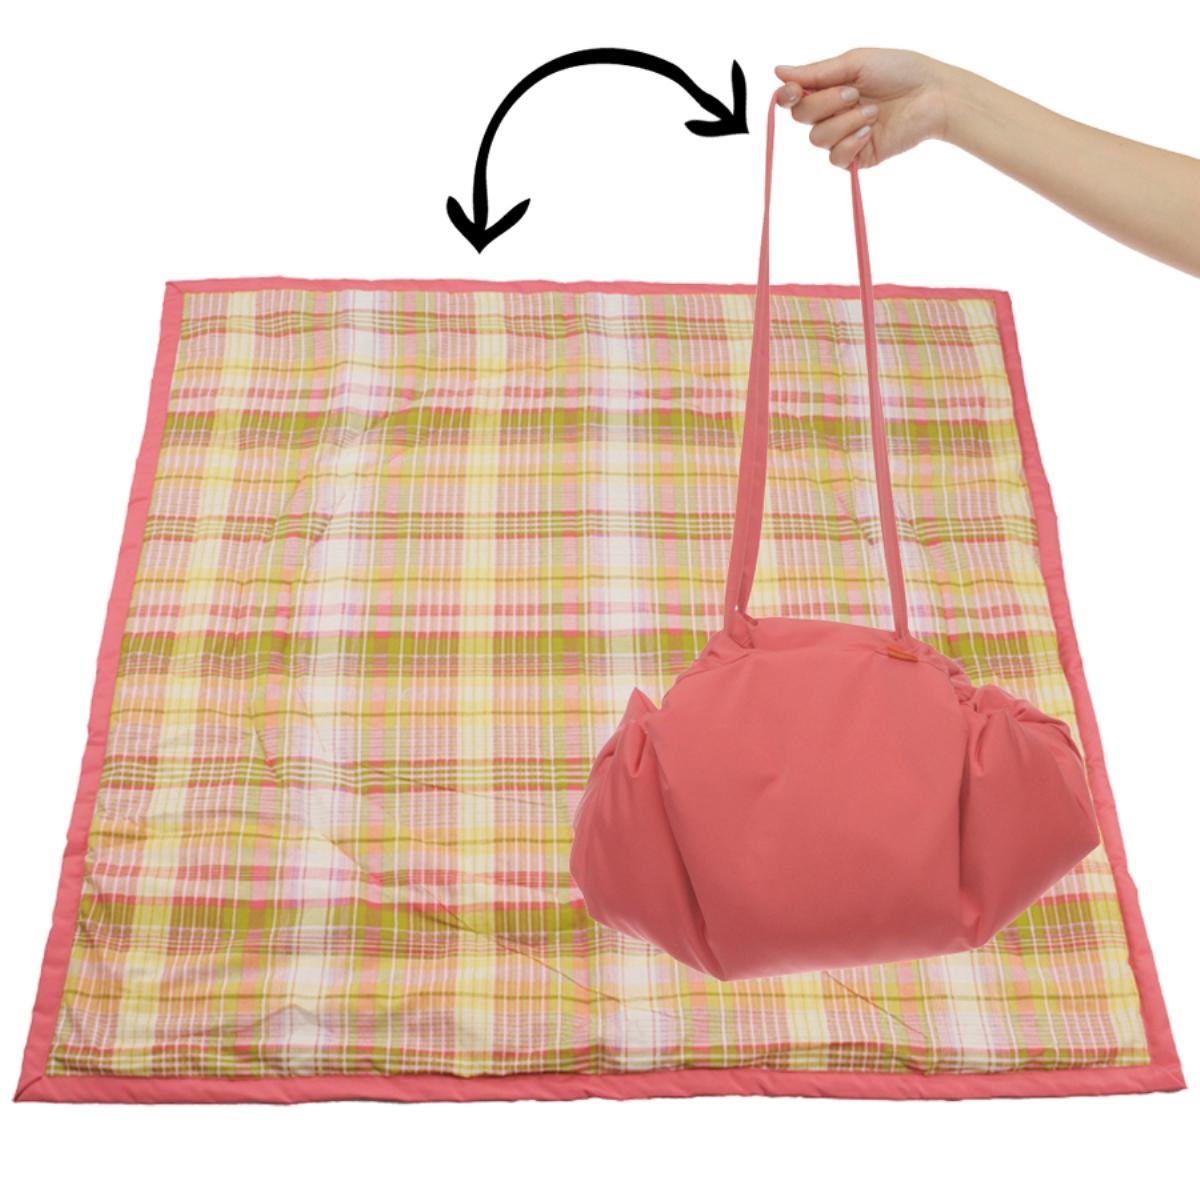 Чудо-Чадо Переносной коврик-сумка цвет коралловый клетка KTR02-012